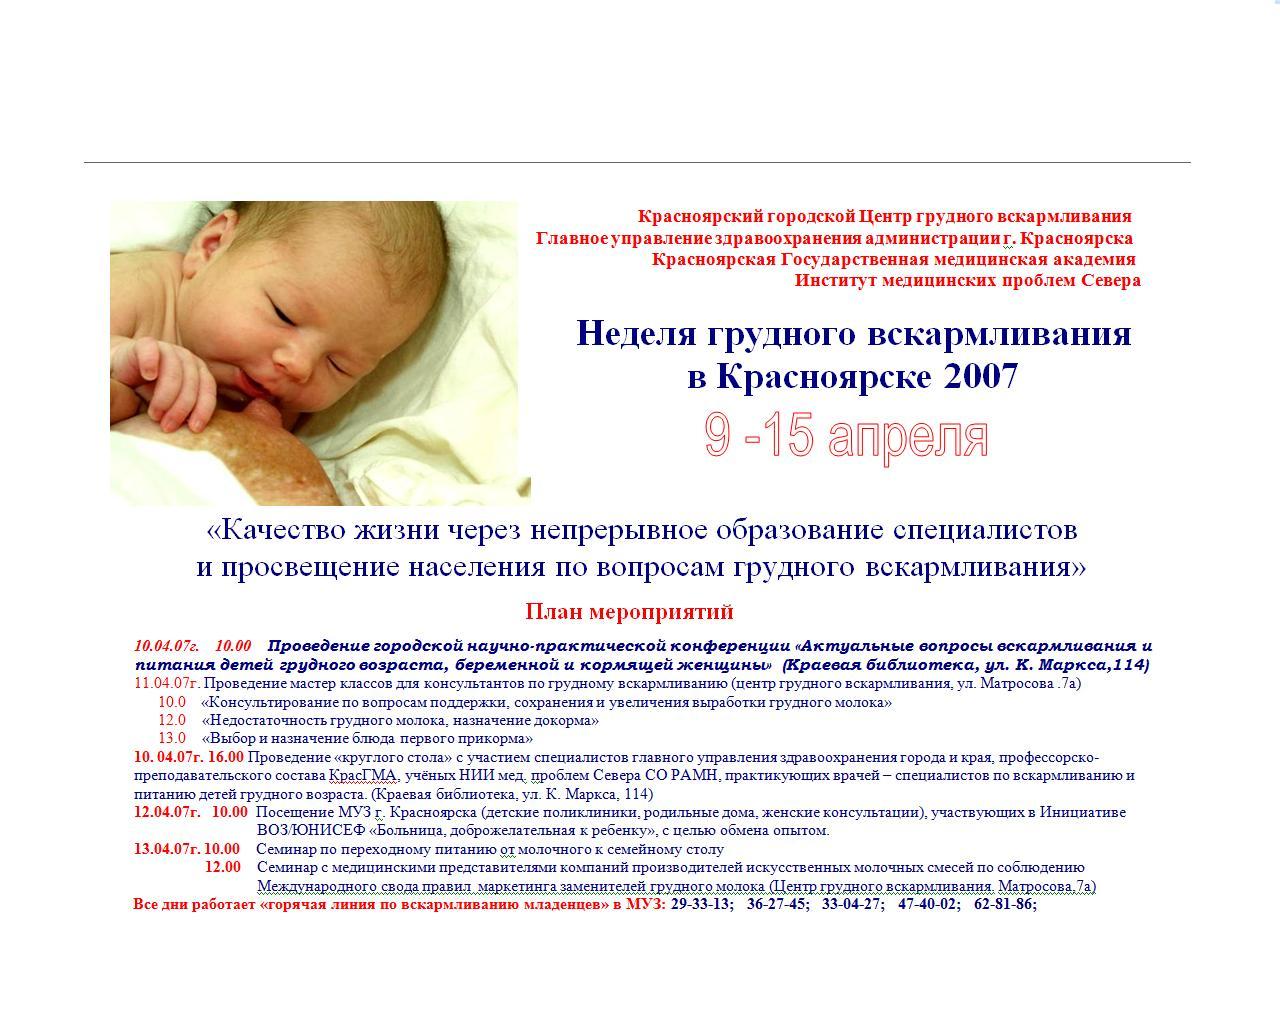 Расписание врачей 1 поликлиники город ухта